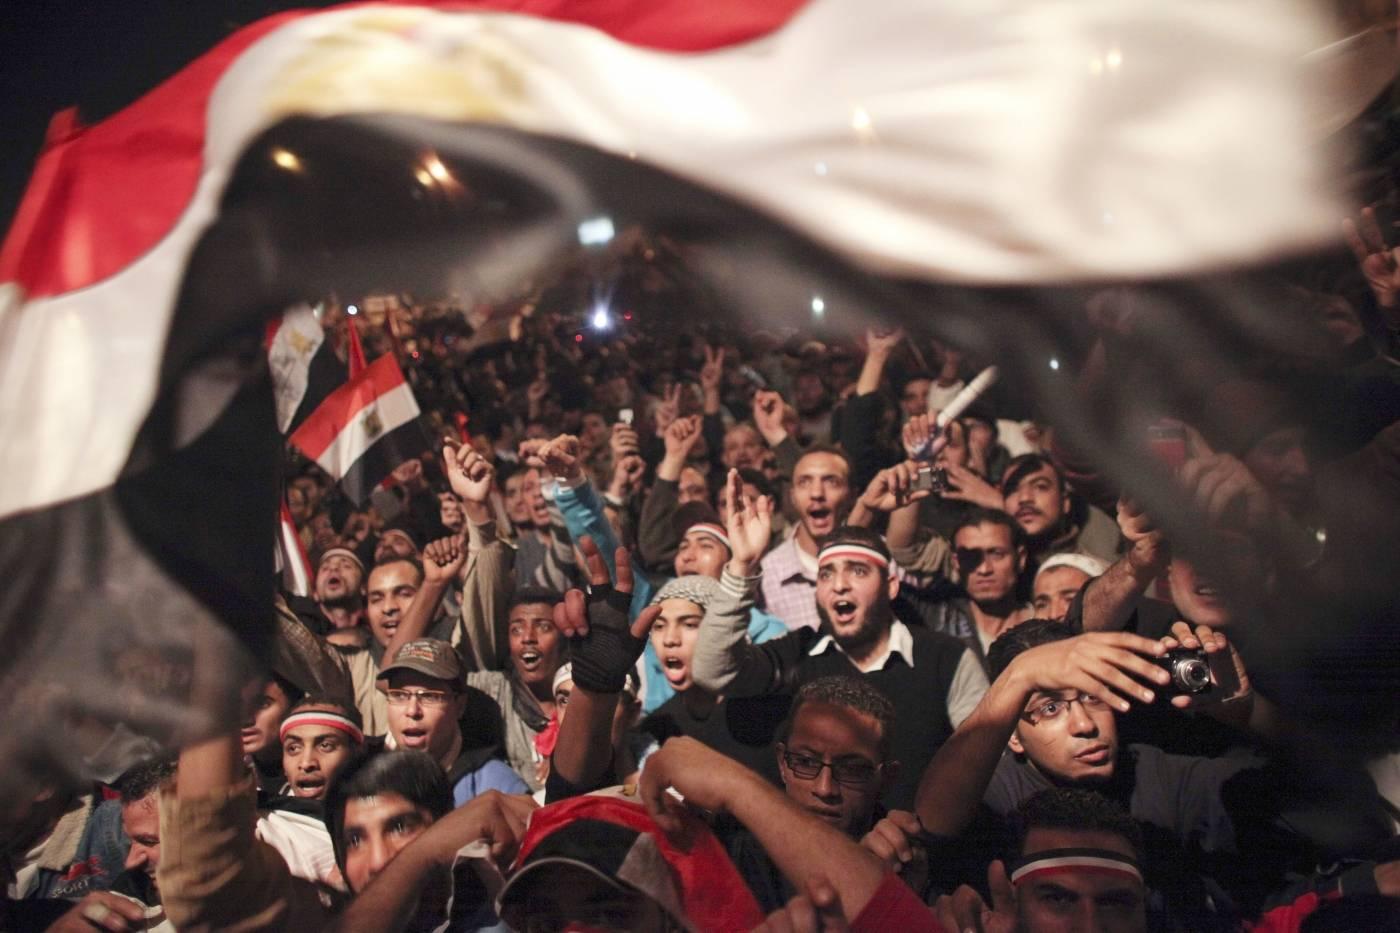 Egyptere feirer nyheten om at Mubarak går av som president i februar 2011. Foto: AP Photo/Tara Todras-Whitehill.